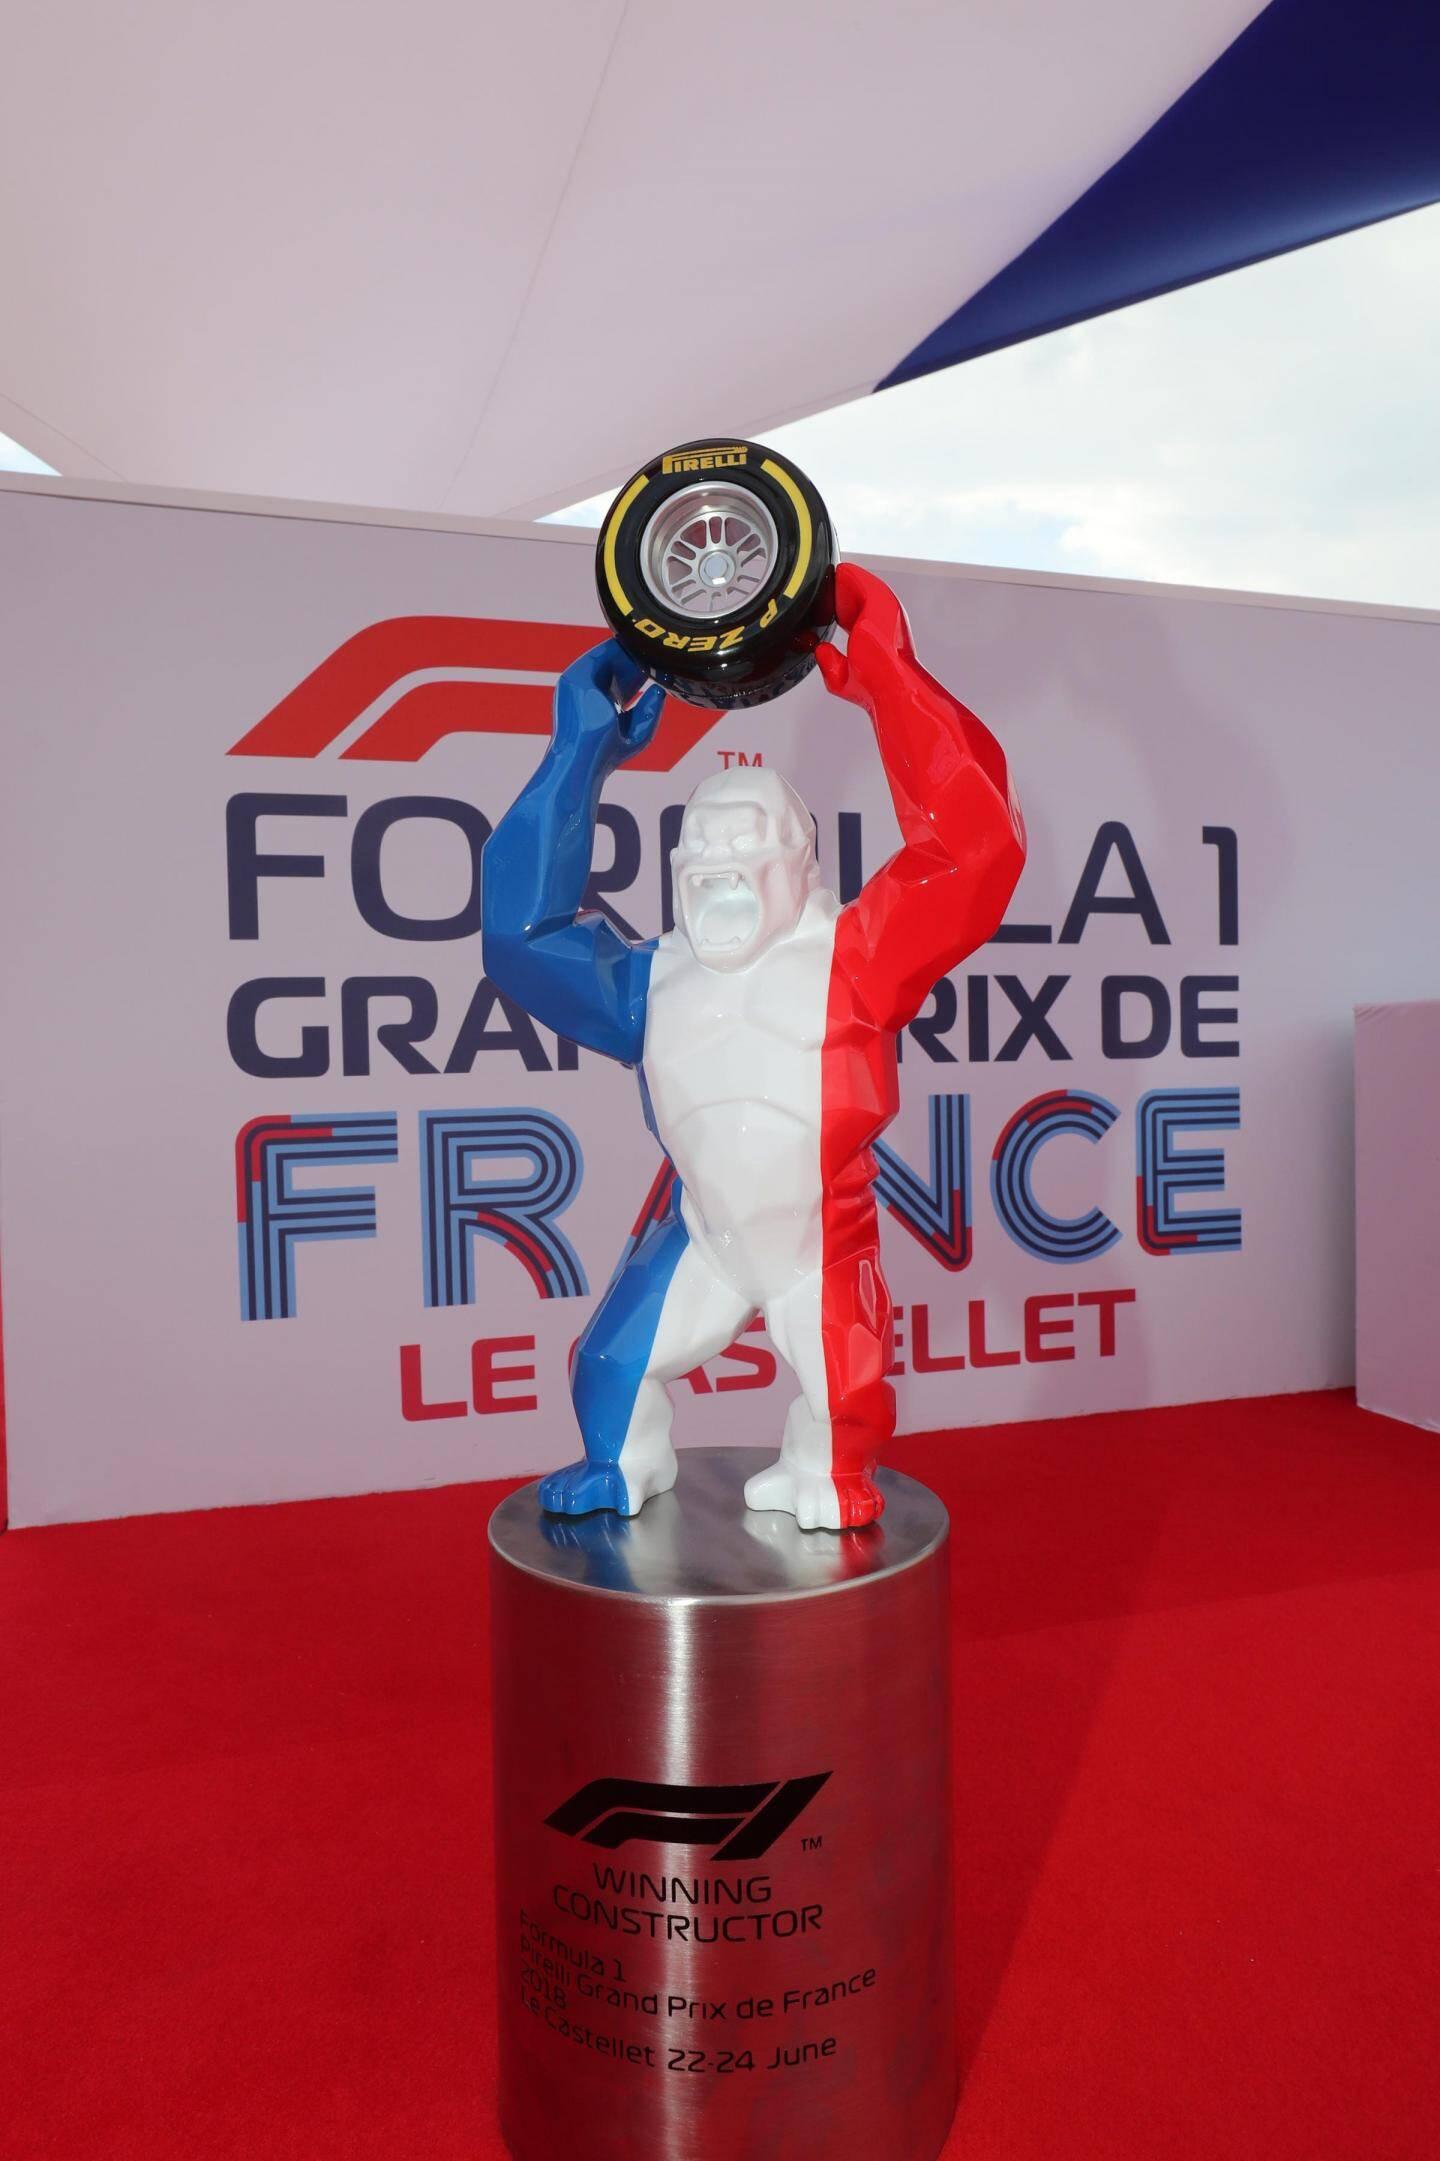 Le trophée imaginé par Richard Orlinski.